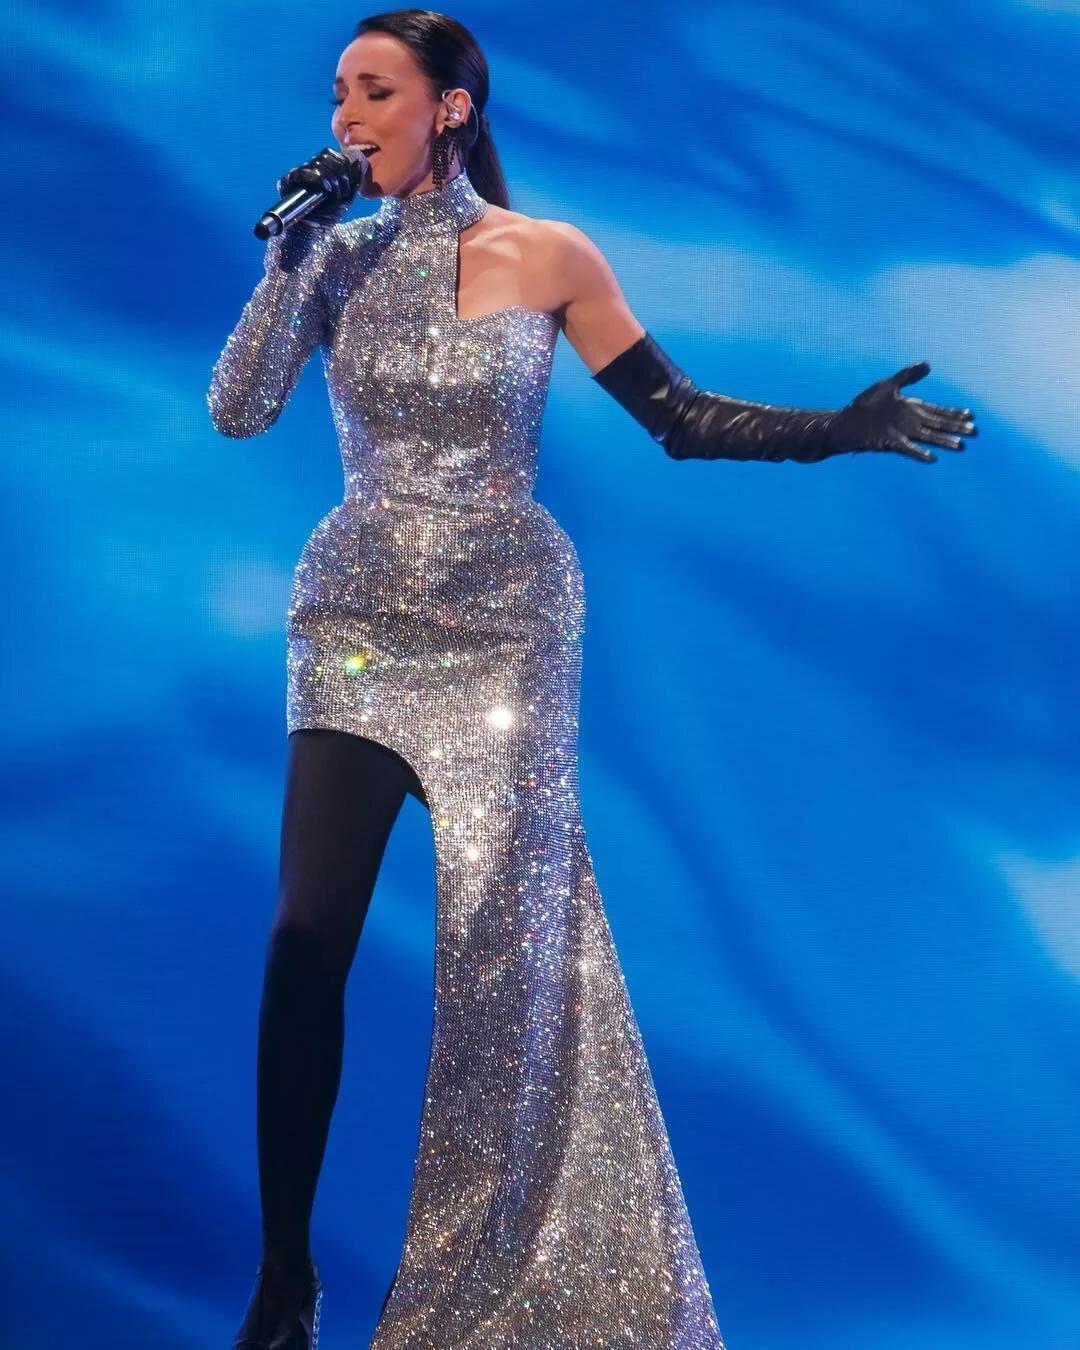 станет известно фото певиц россии в сценических костюмах новой весточкой